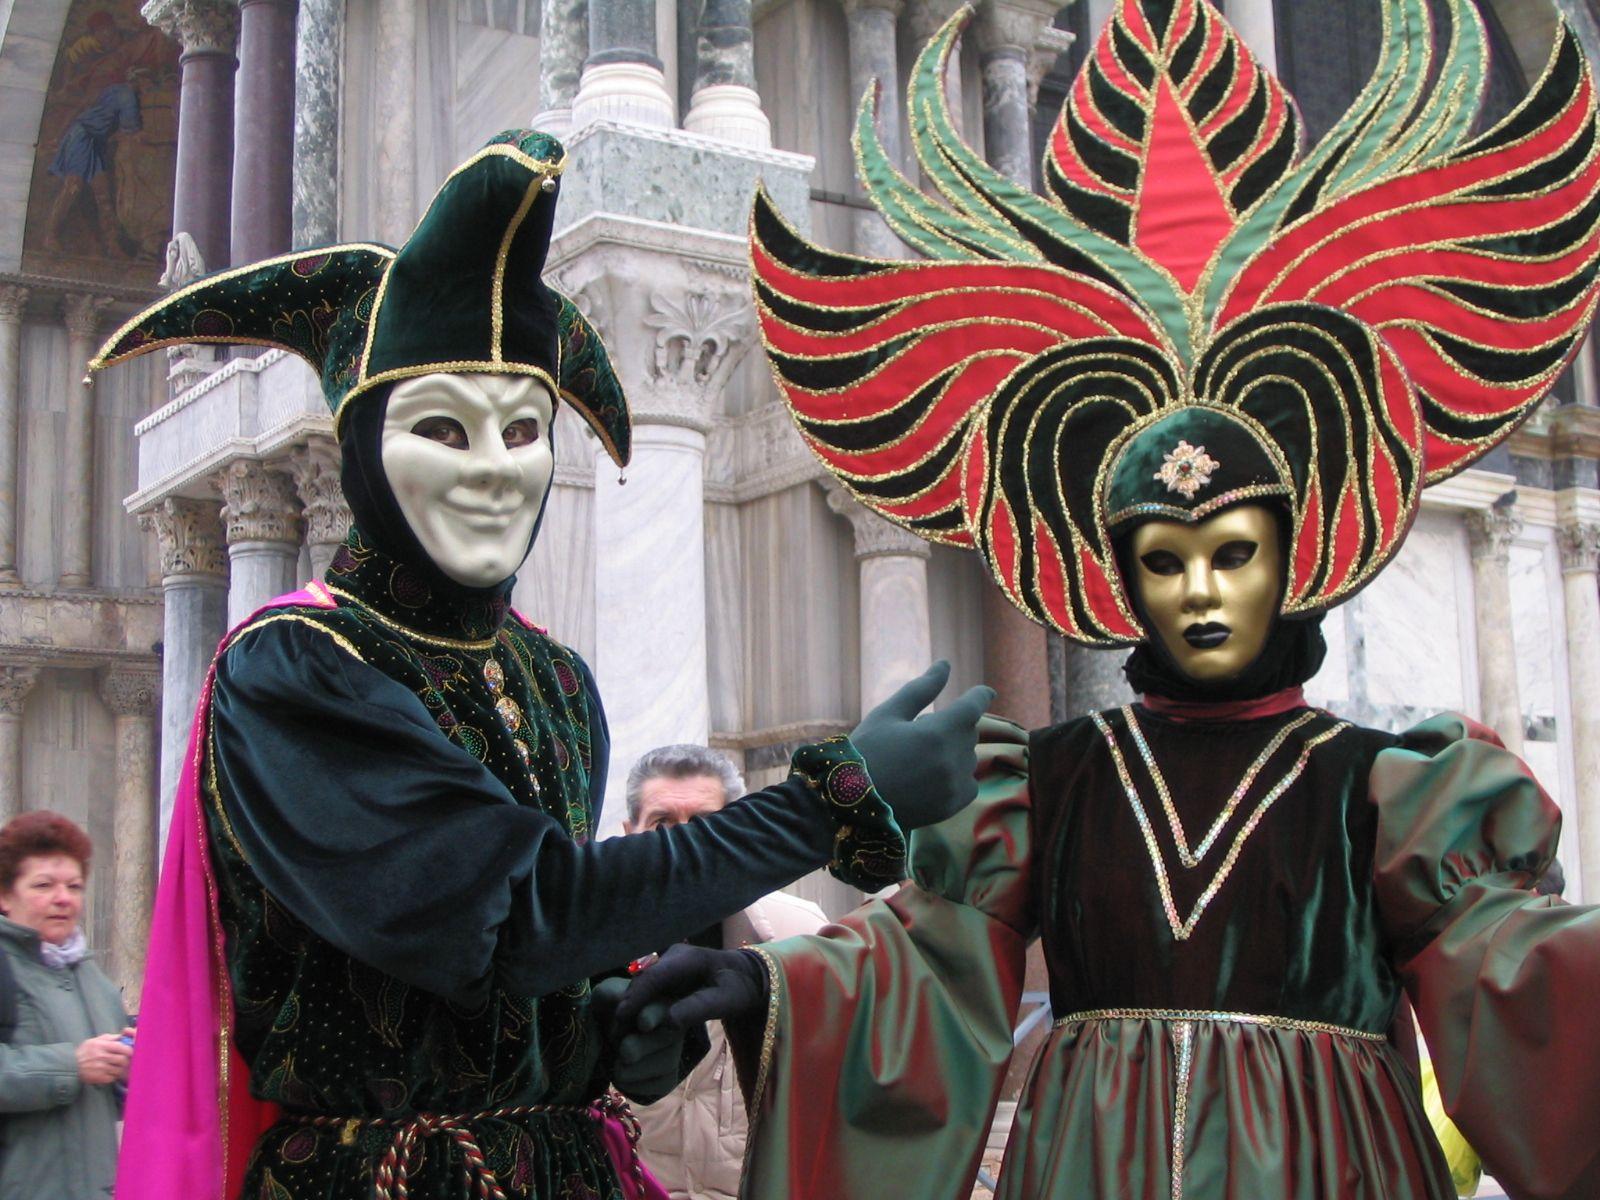 4f4186b95f23e Masquerade ball - Wikipedia